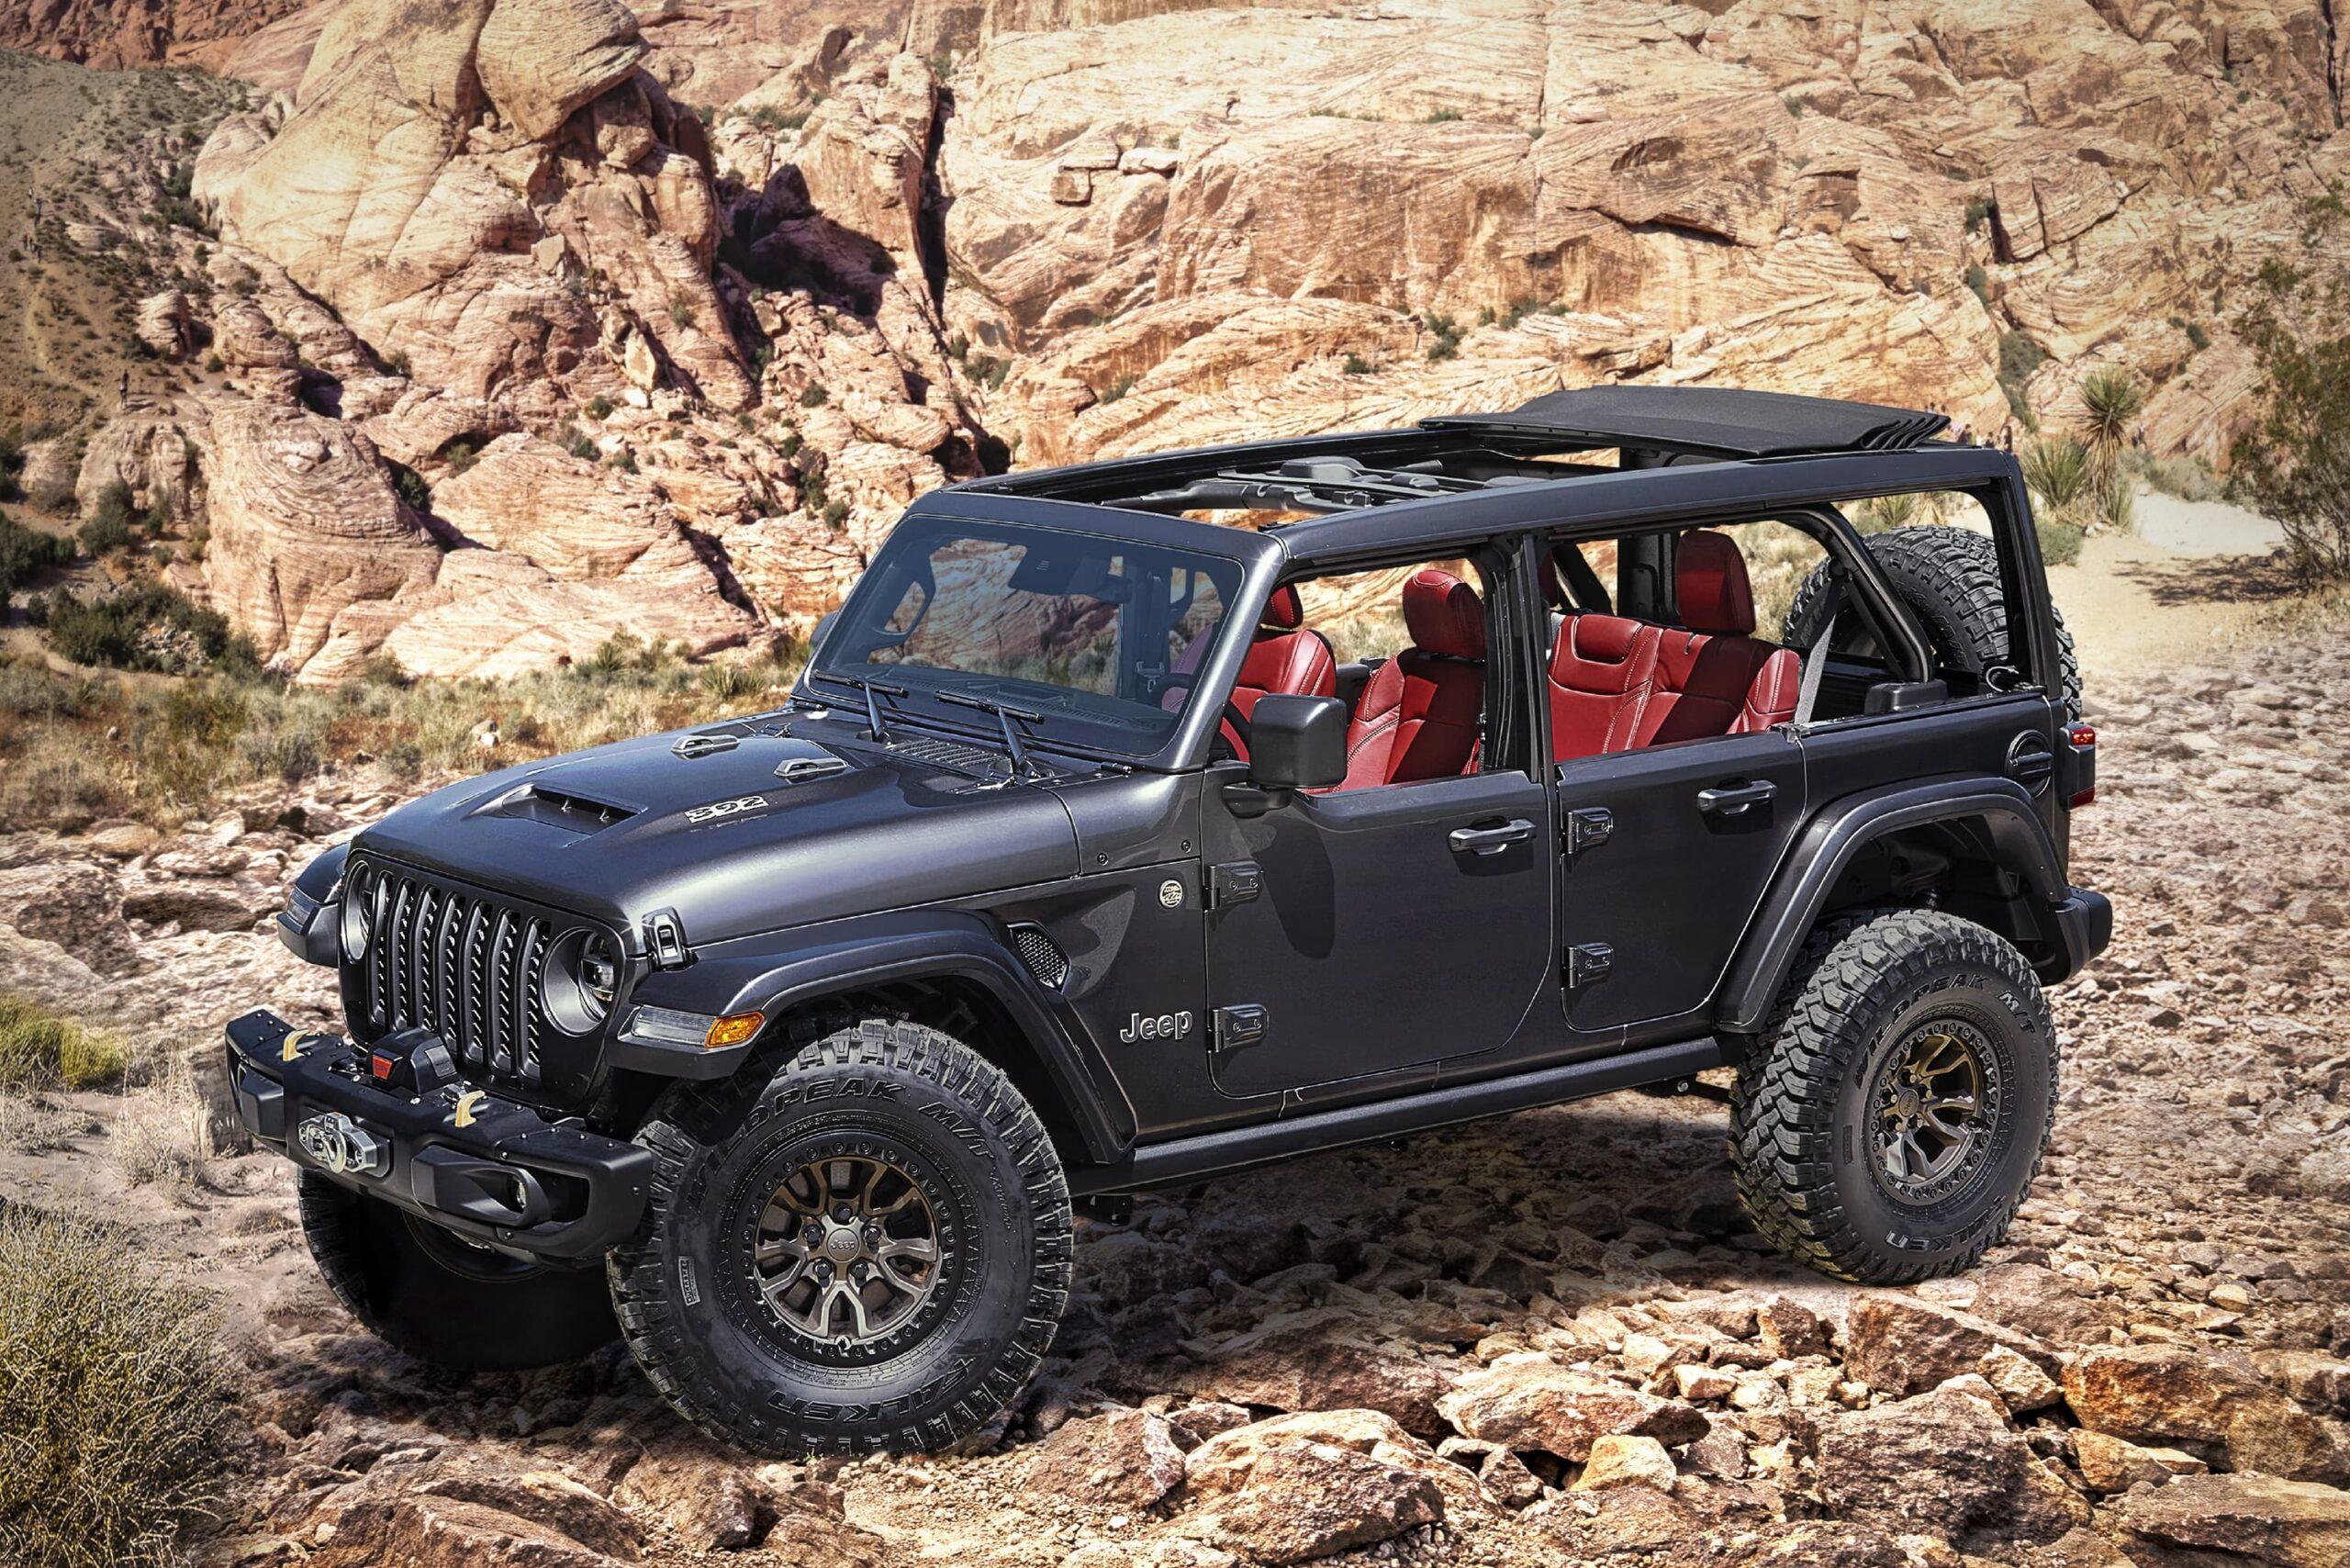 Jeep®Wrangler Rubicon 392 Concept